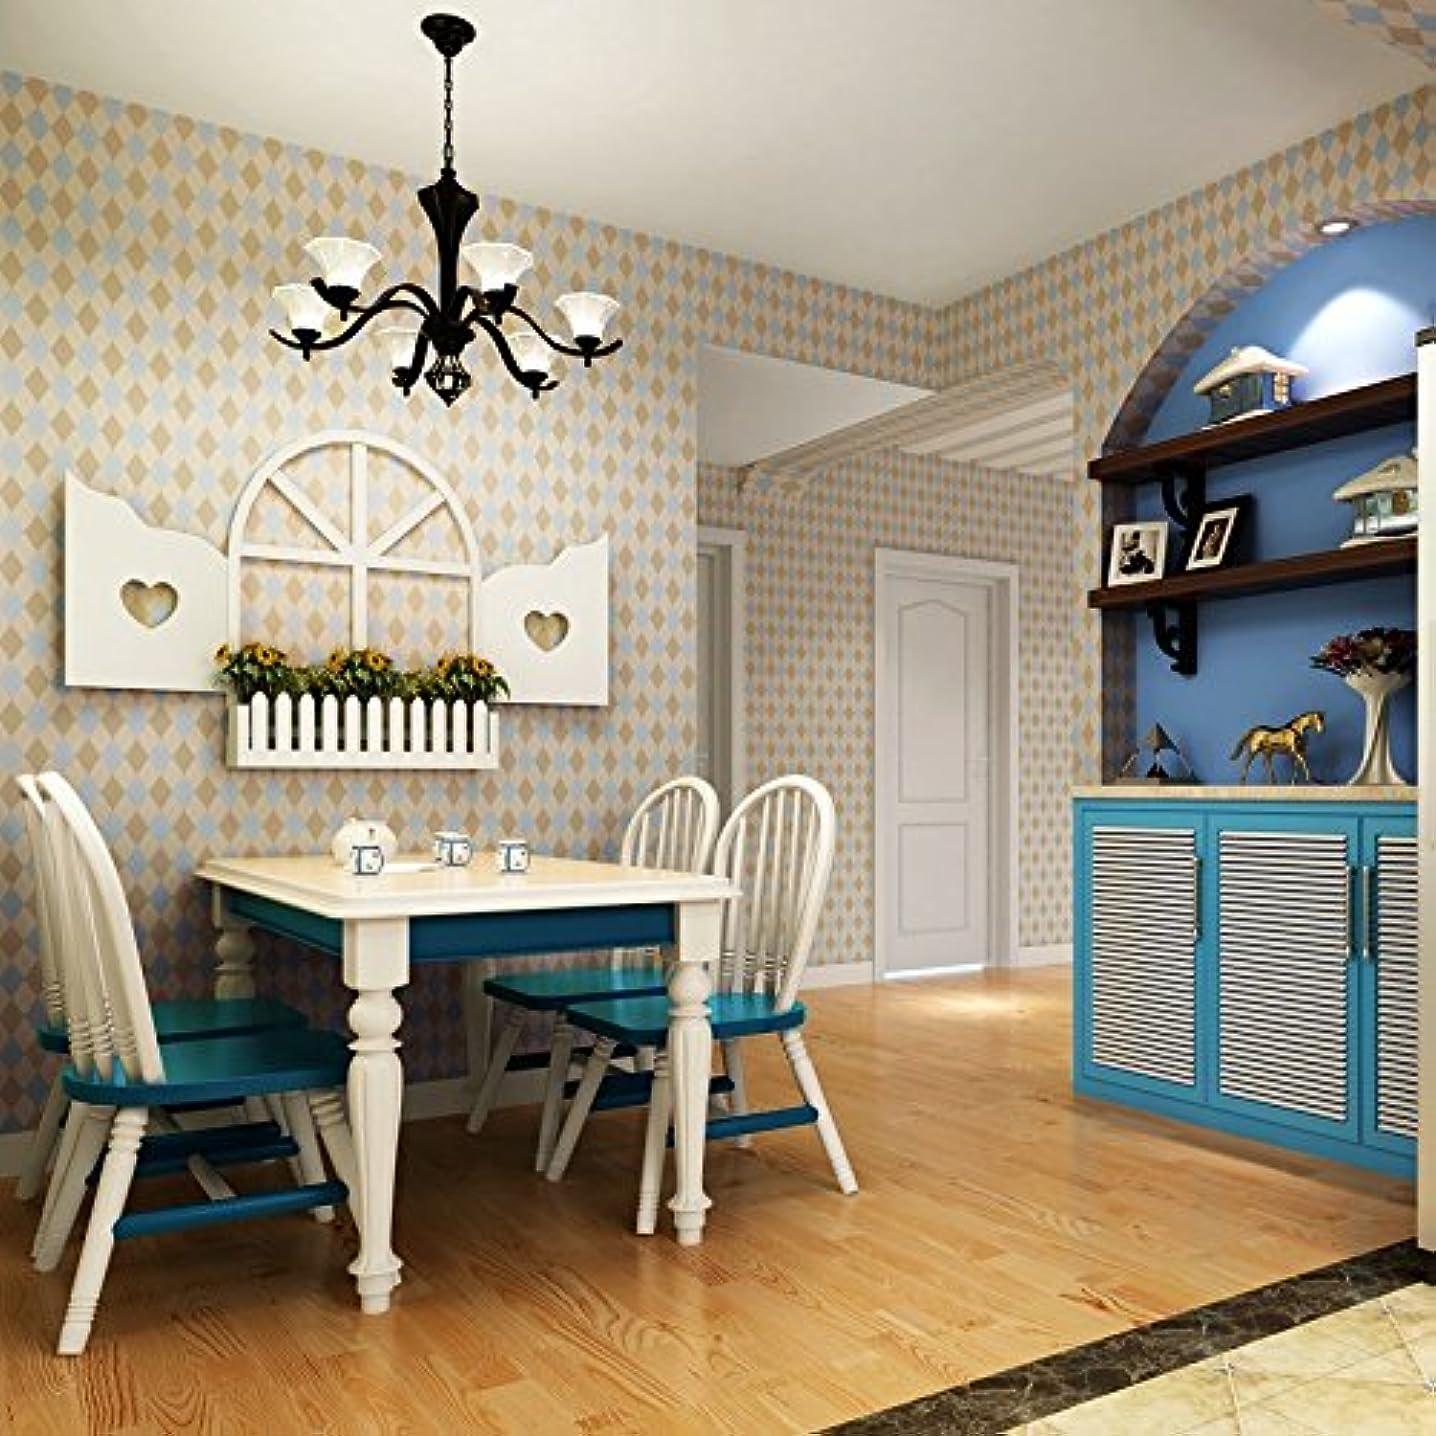 代表する期限切れ故障中ヴィンテージ壁紙3D格子ダイヤモンドジオメトリ壁紙ロール壁用寝室居間ホームインテリア不織3D壁紙、200X140CM